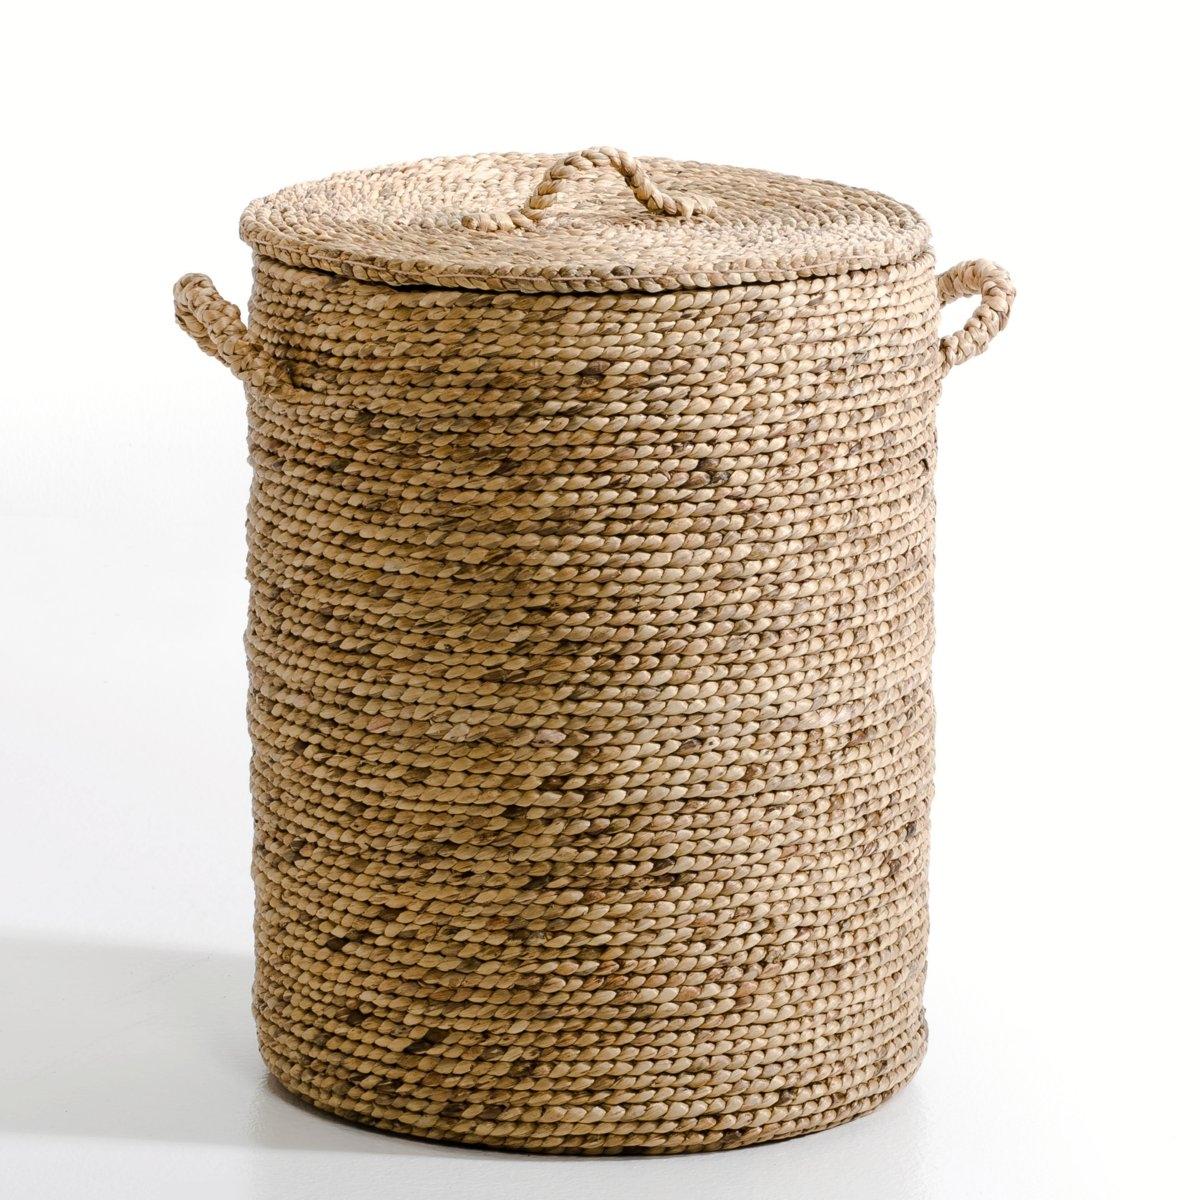 Корзина круглая из плетеных волокон эйхорнии. В60 см, LianeКорзина Liane. Практичная и красивая корзина с крышкой займет достойное место в гостиной, чтобы хранить журналы, в спальне, чтобы хранить белье или игрушки, или в ванной комнате.Характеристики: :- Из плетеных волокон эйхорнии- Ручная работа.Размеры  :- ?45 x В60 см<br><br>Цвет: серо-бежевый<br>Размер: 45 x 60